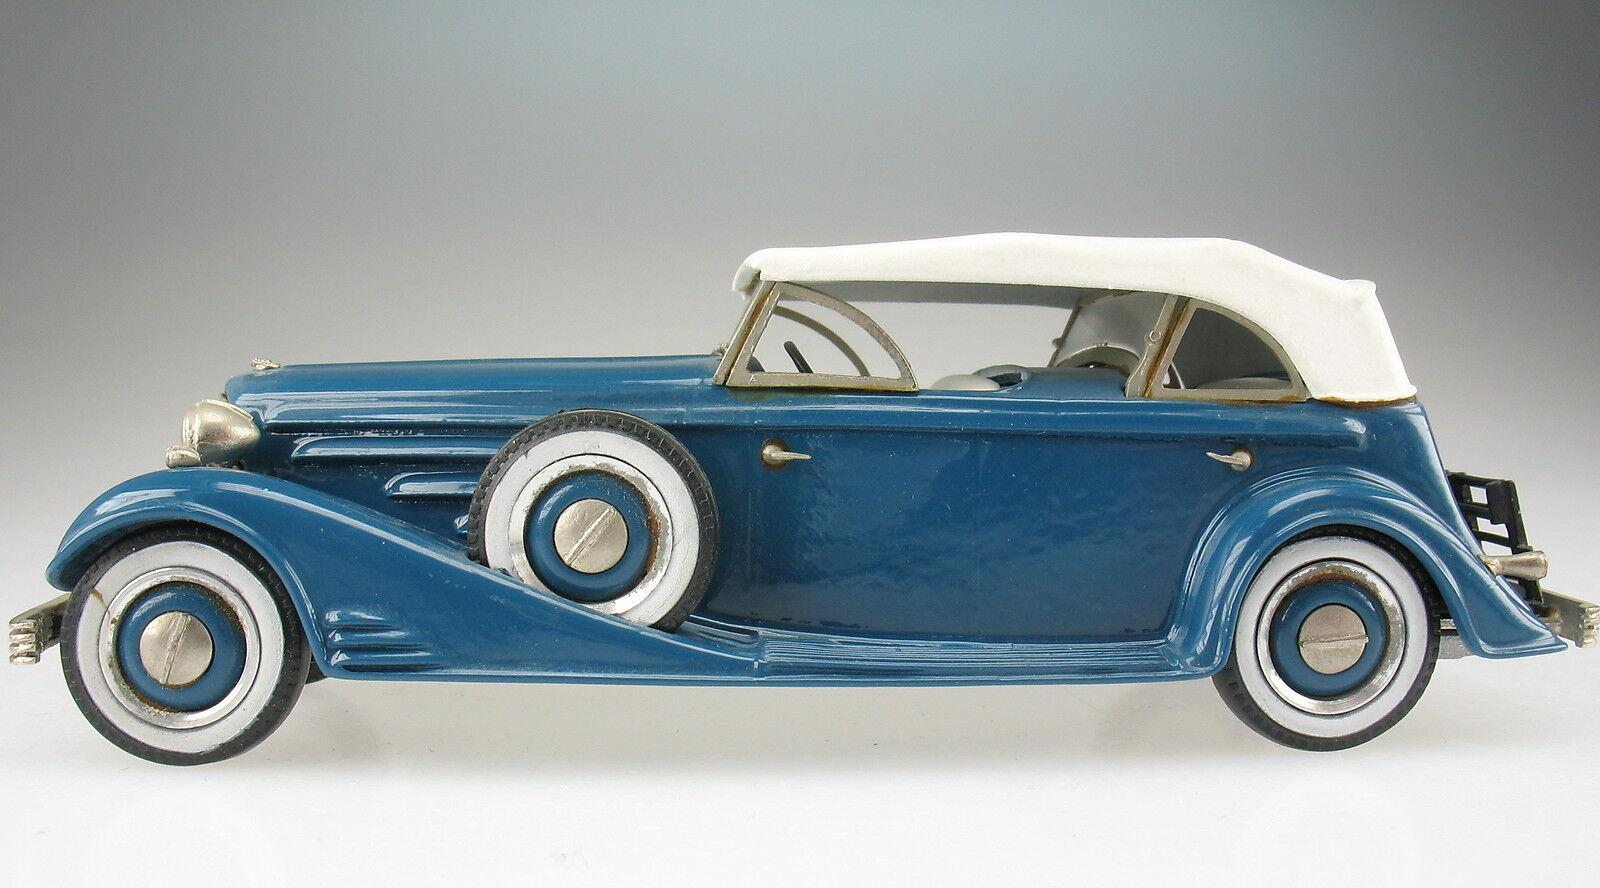 Western models models models 28-Cadillac v16 converdeible 1933 - 1 43 - coche modelo Model Car 7a893d